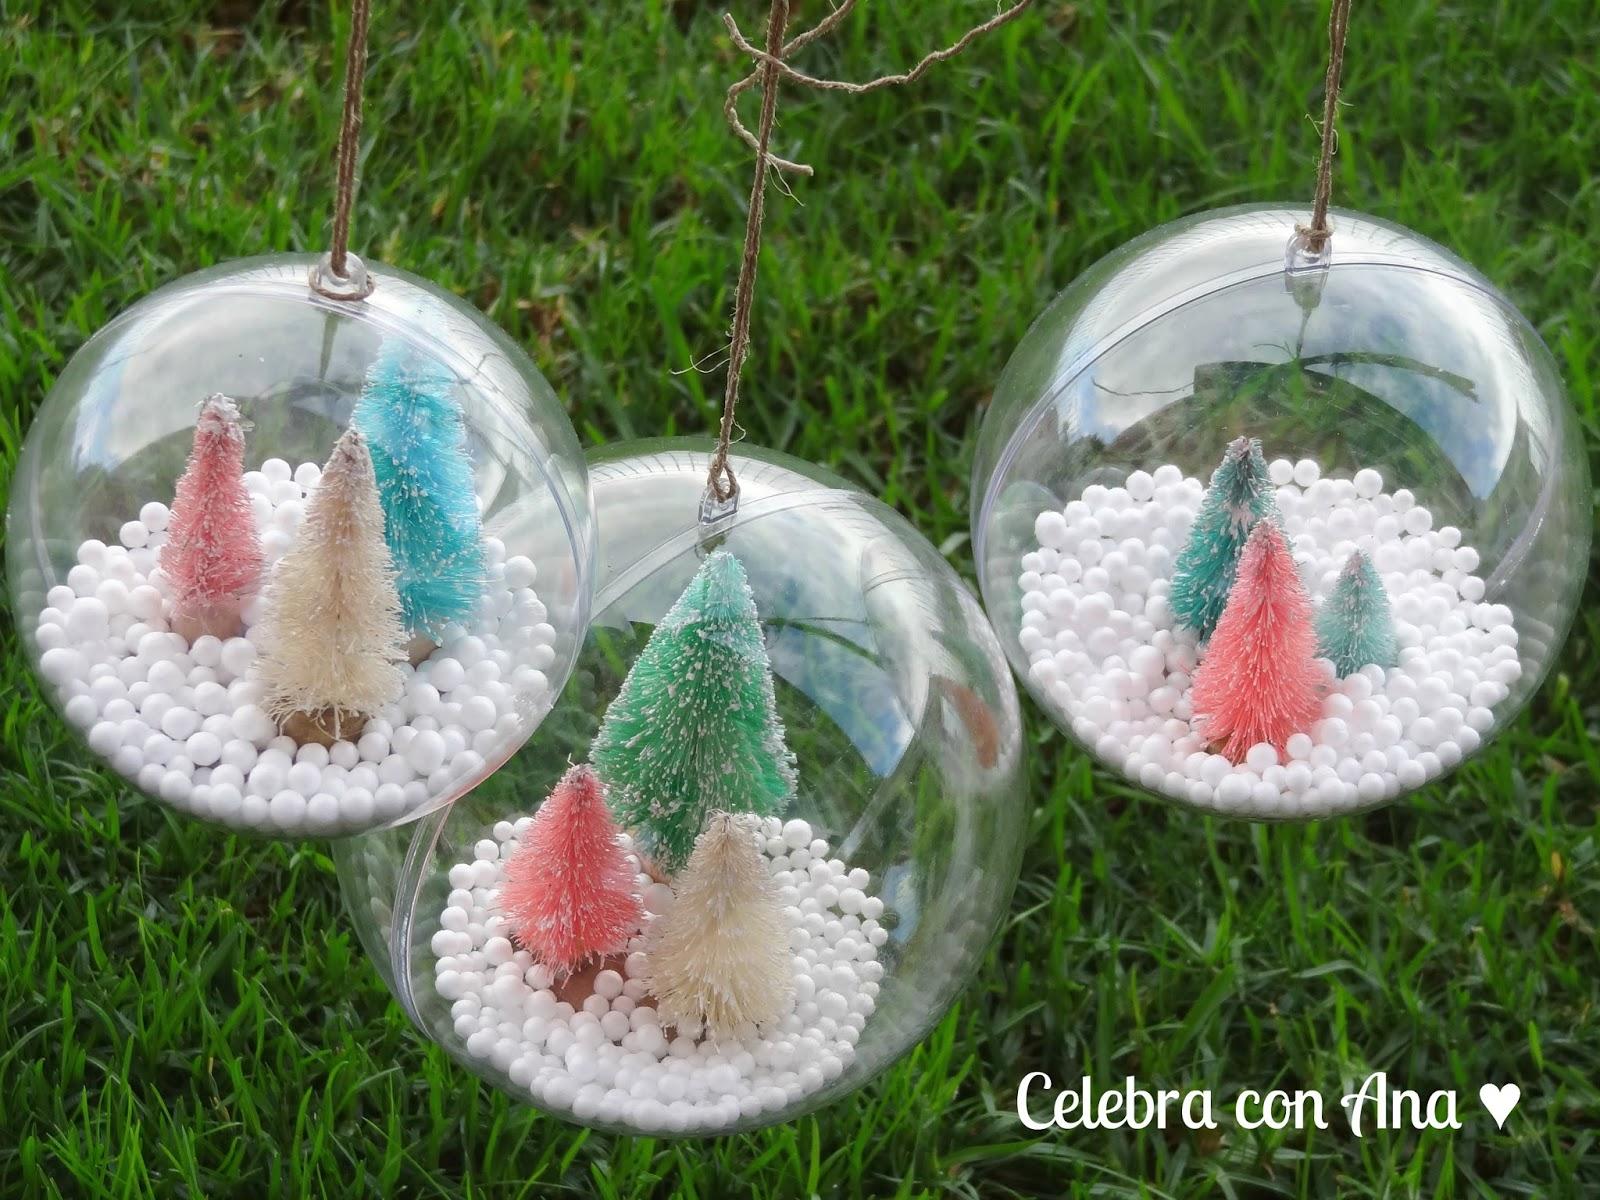 Celebra con ana compartiendo experiencias creativas bolas transparentes de navidad - Bolas navidad transparentes ...